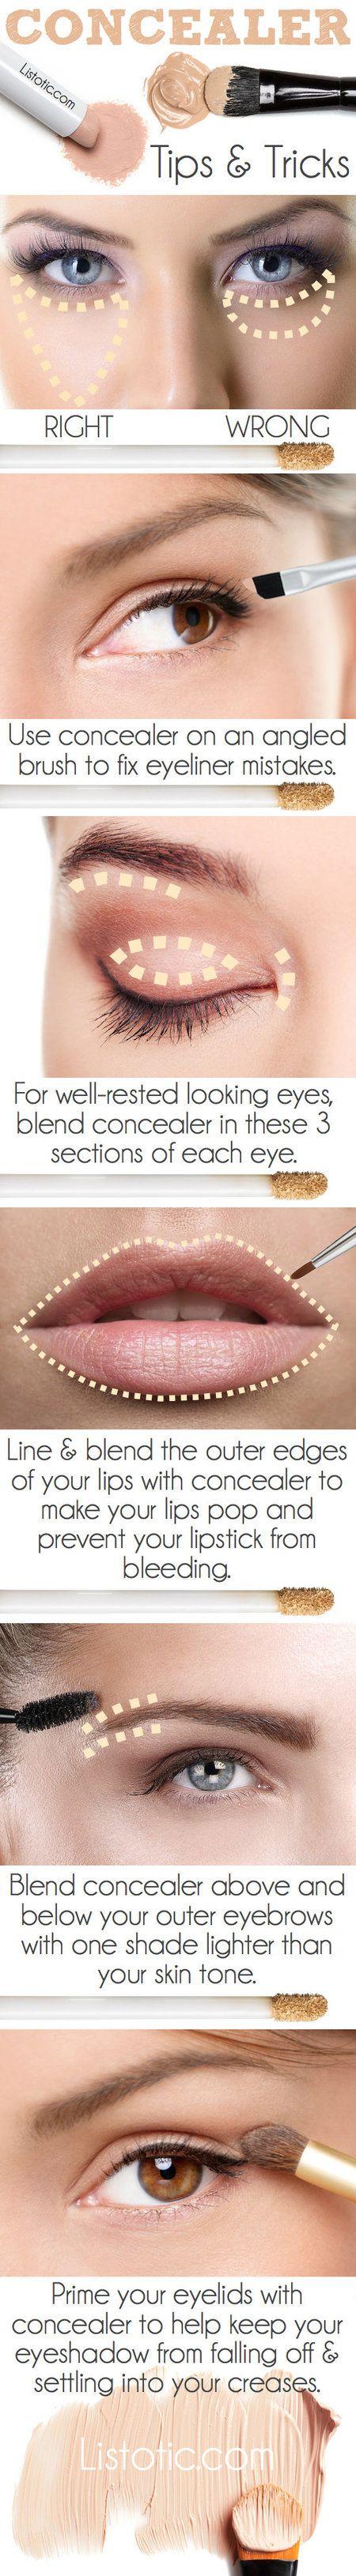 Concealer Tips & Tricks #beautytips